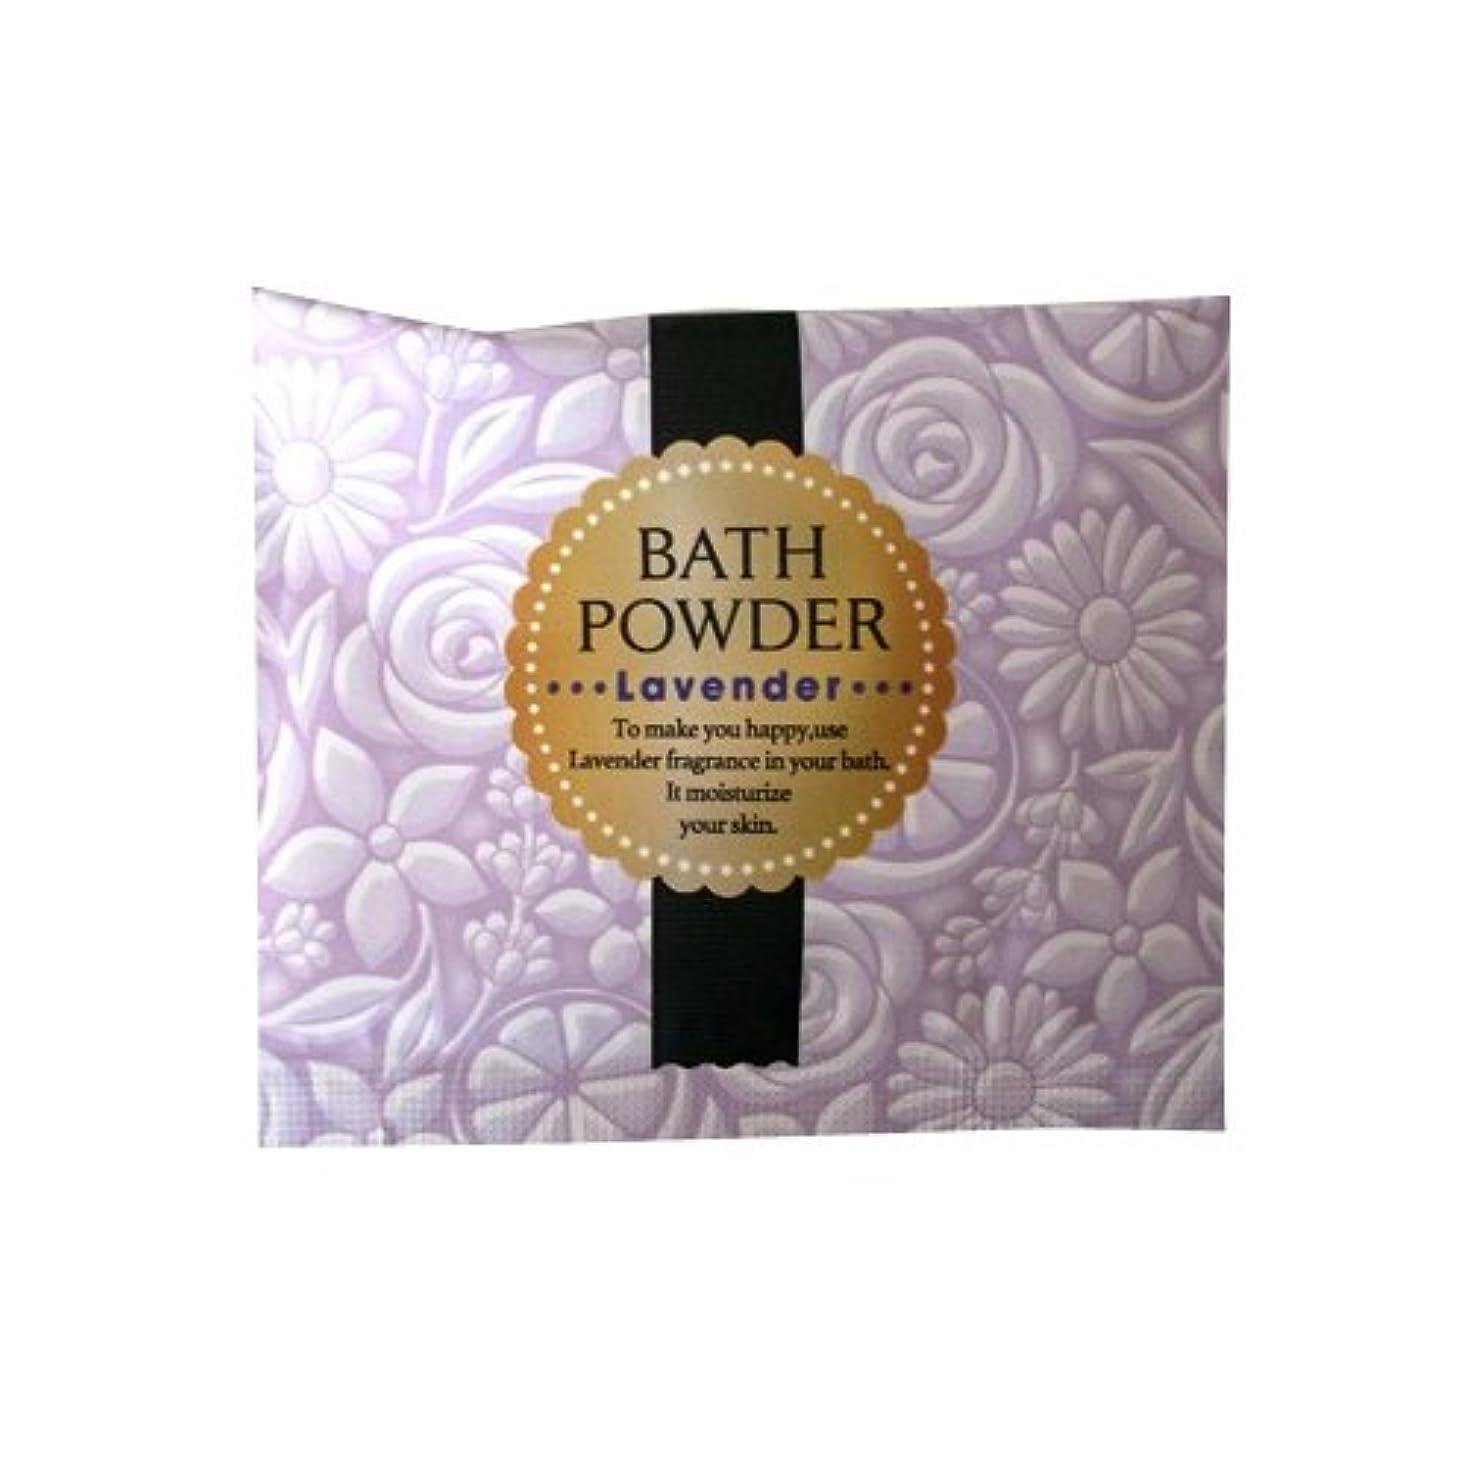 継続中阻害する帝国主義入浴剤 LUCKY BATH (ラッキーバス) 25g ラベンダーの香り